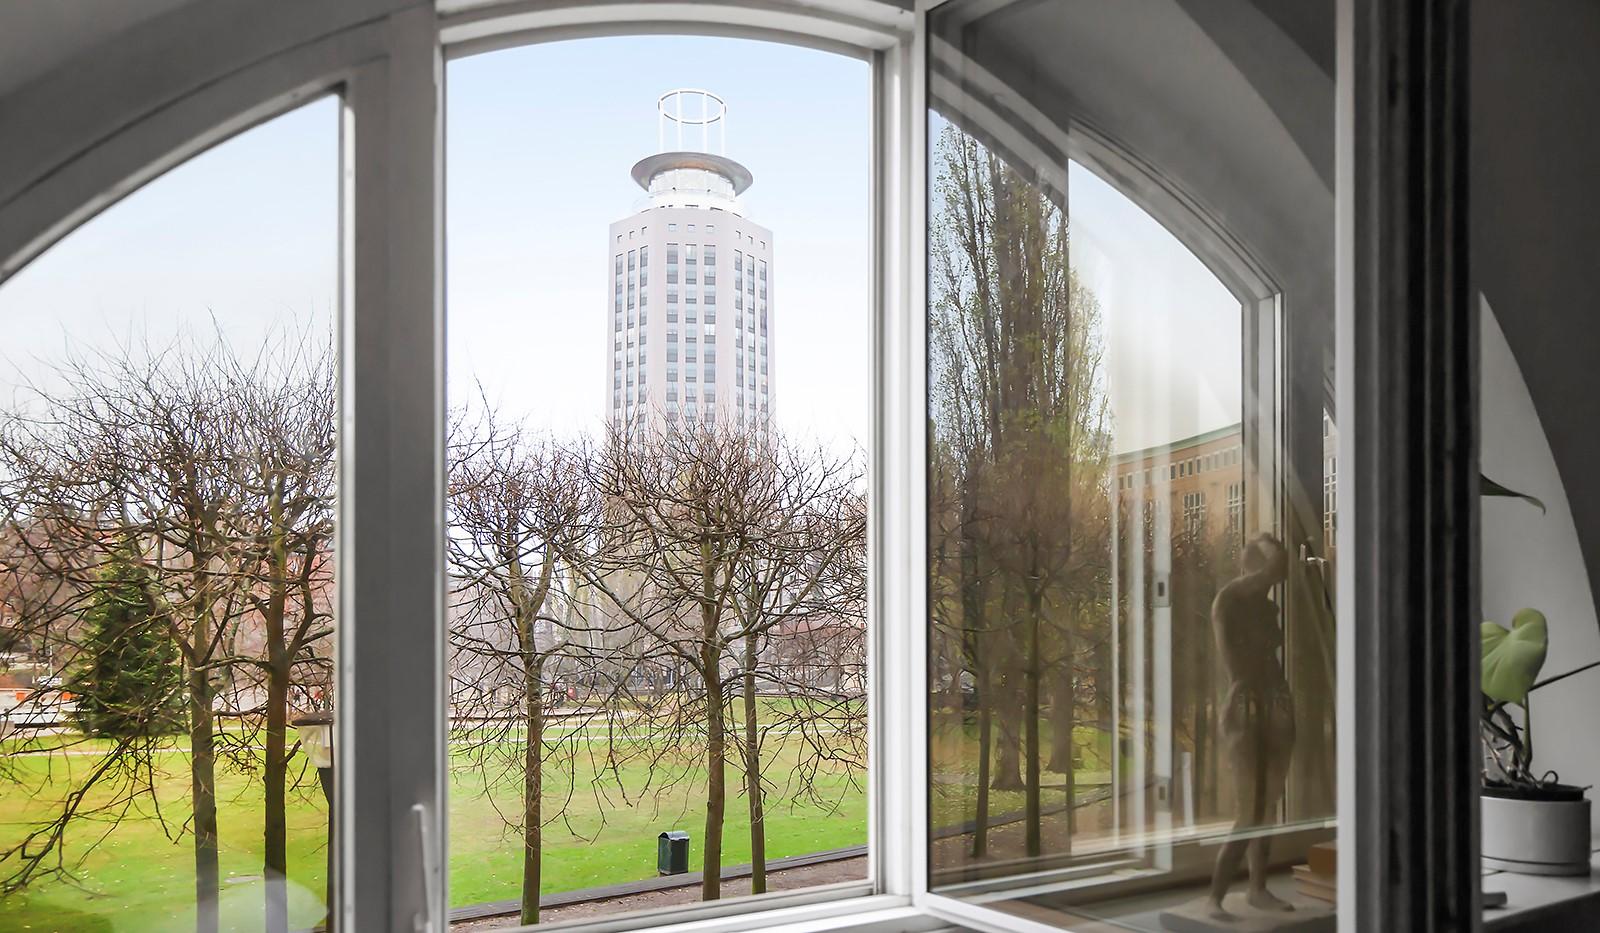 Fatburs Brunnsgata 31 - Bågfomade fönster med utsikt mot park